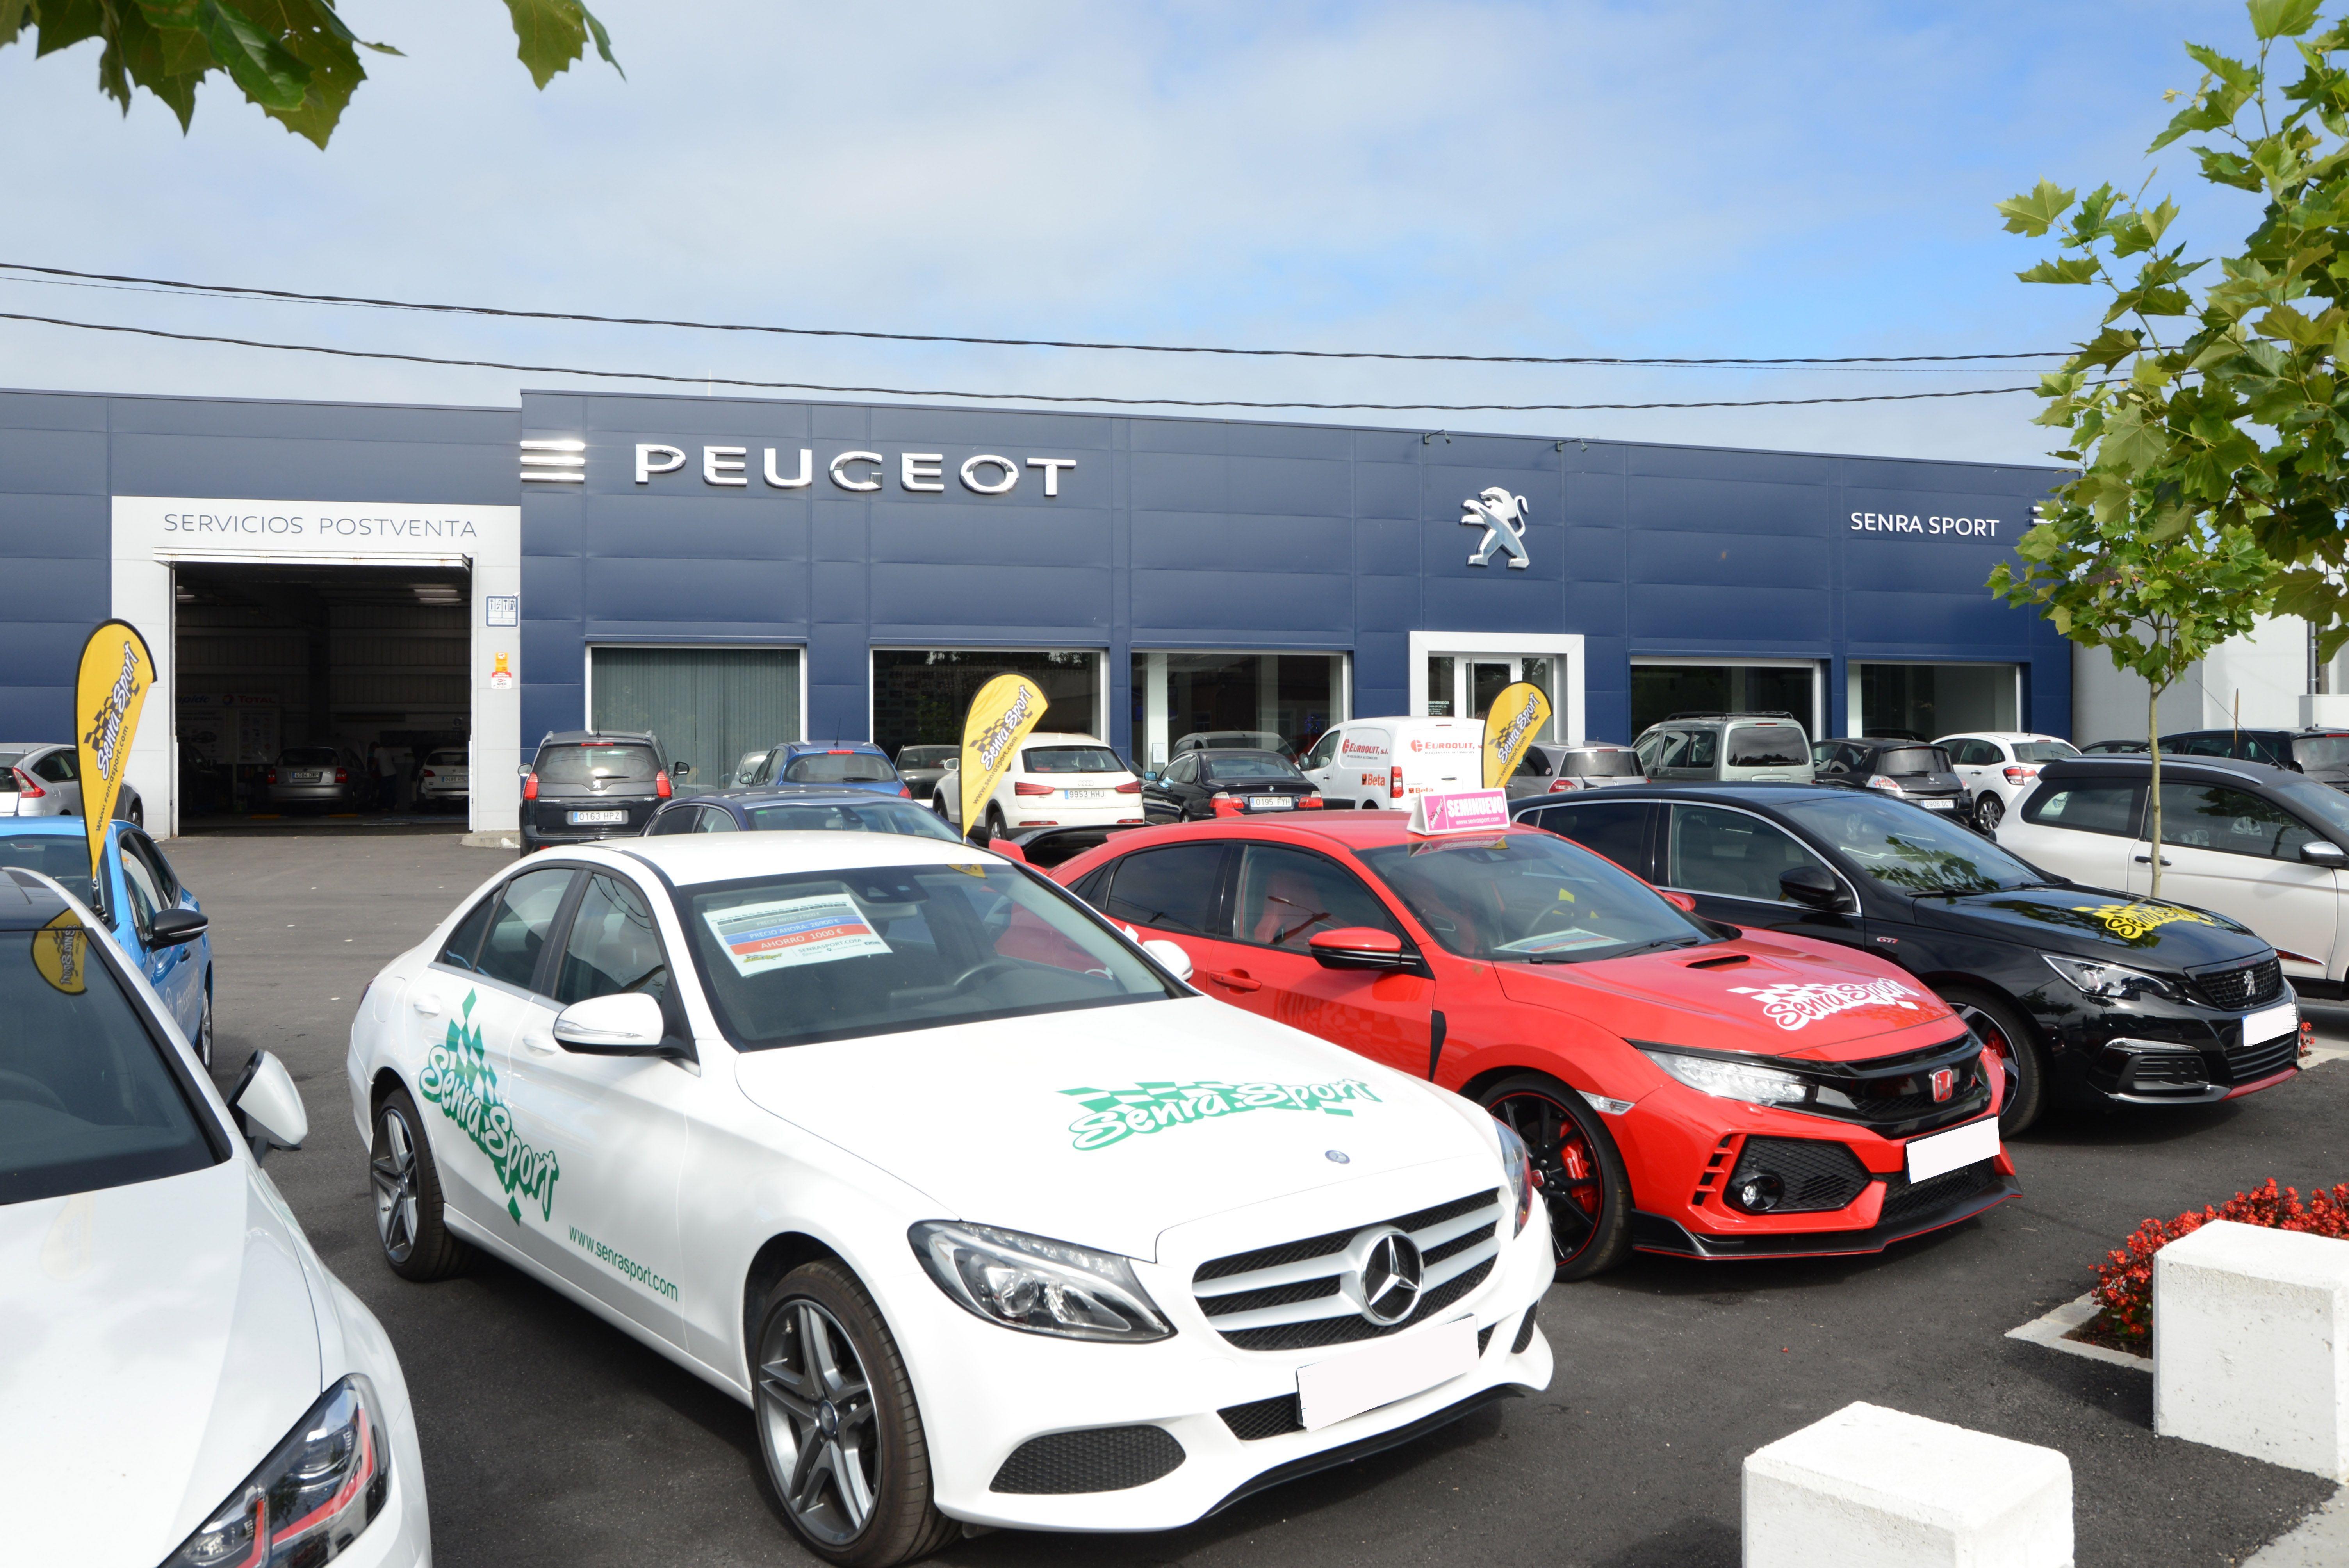 Exposición exterior vehículos Senra Sport